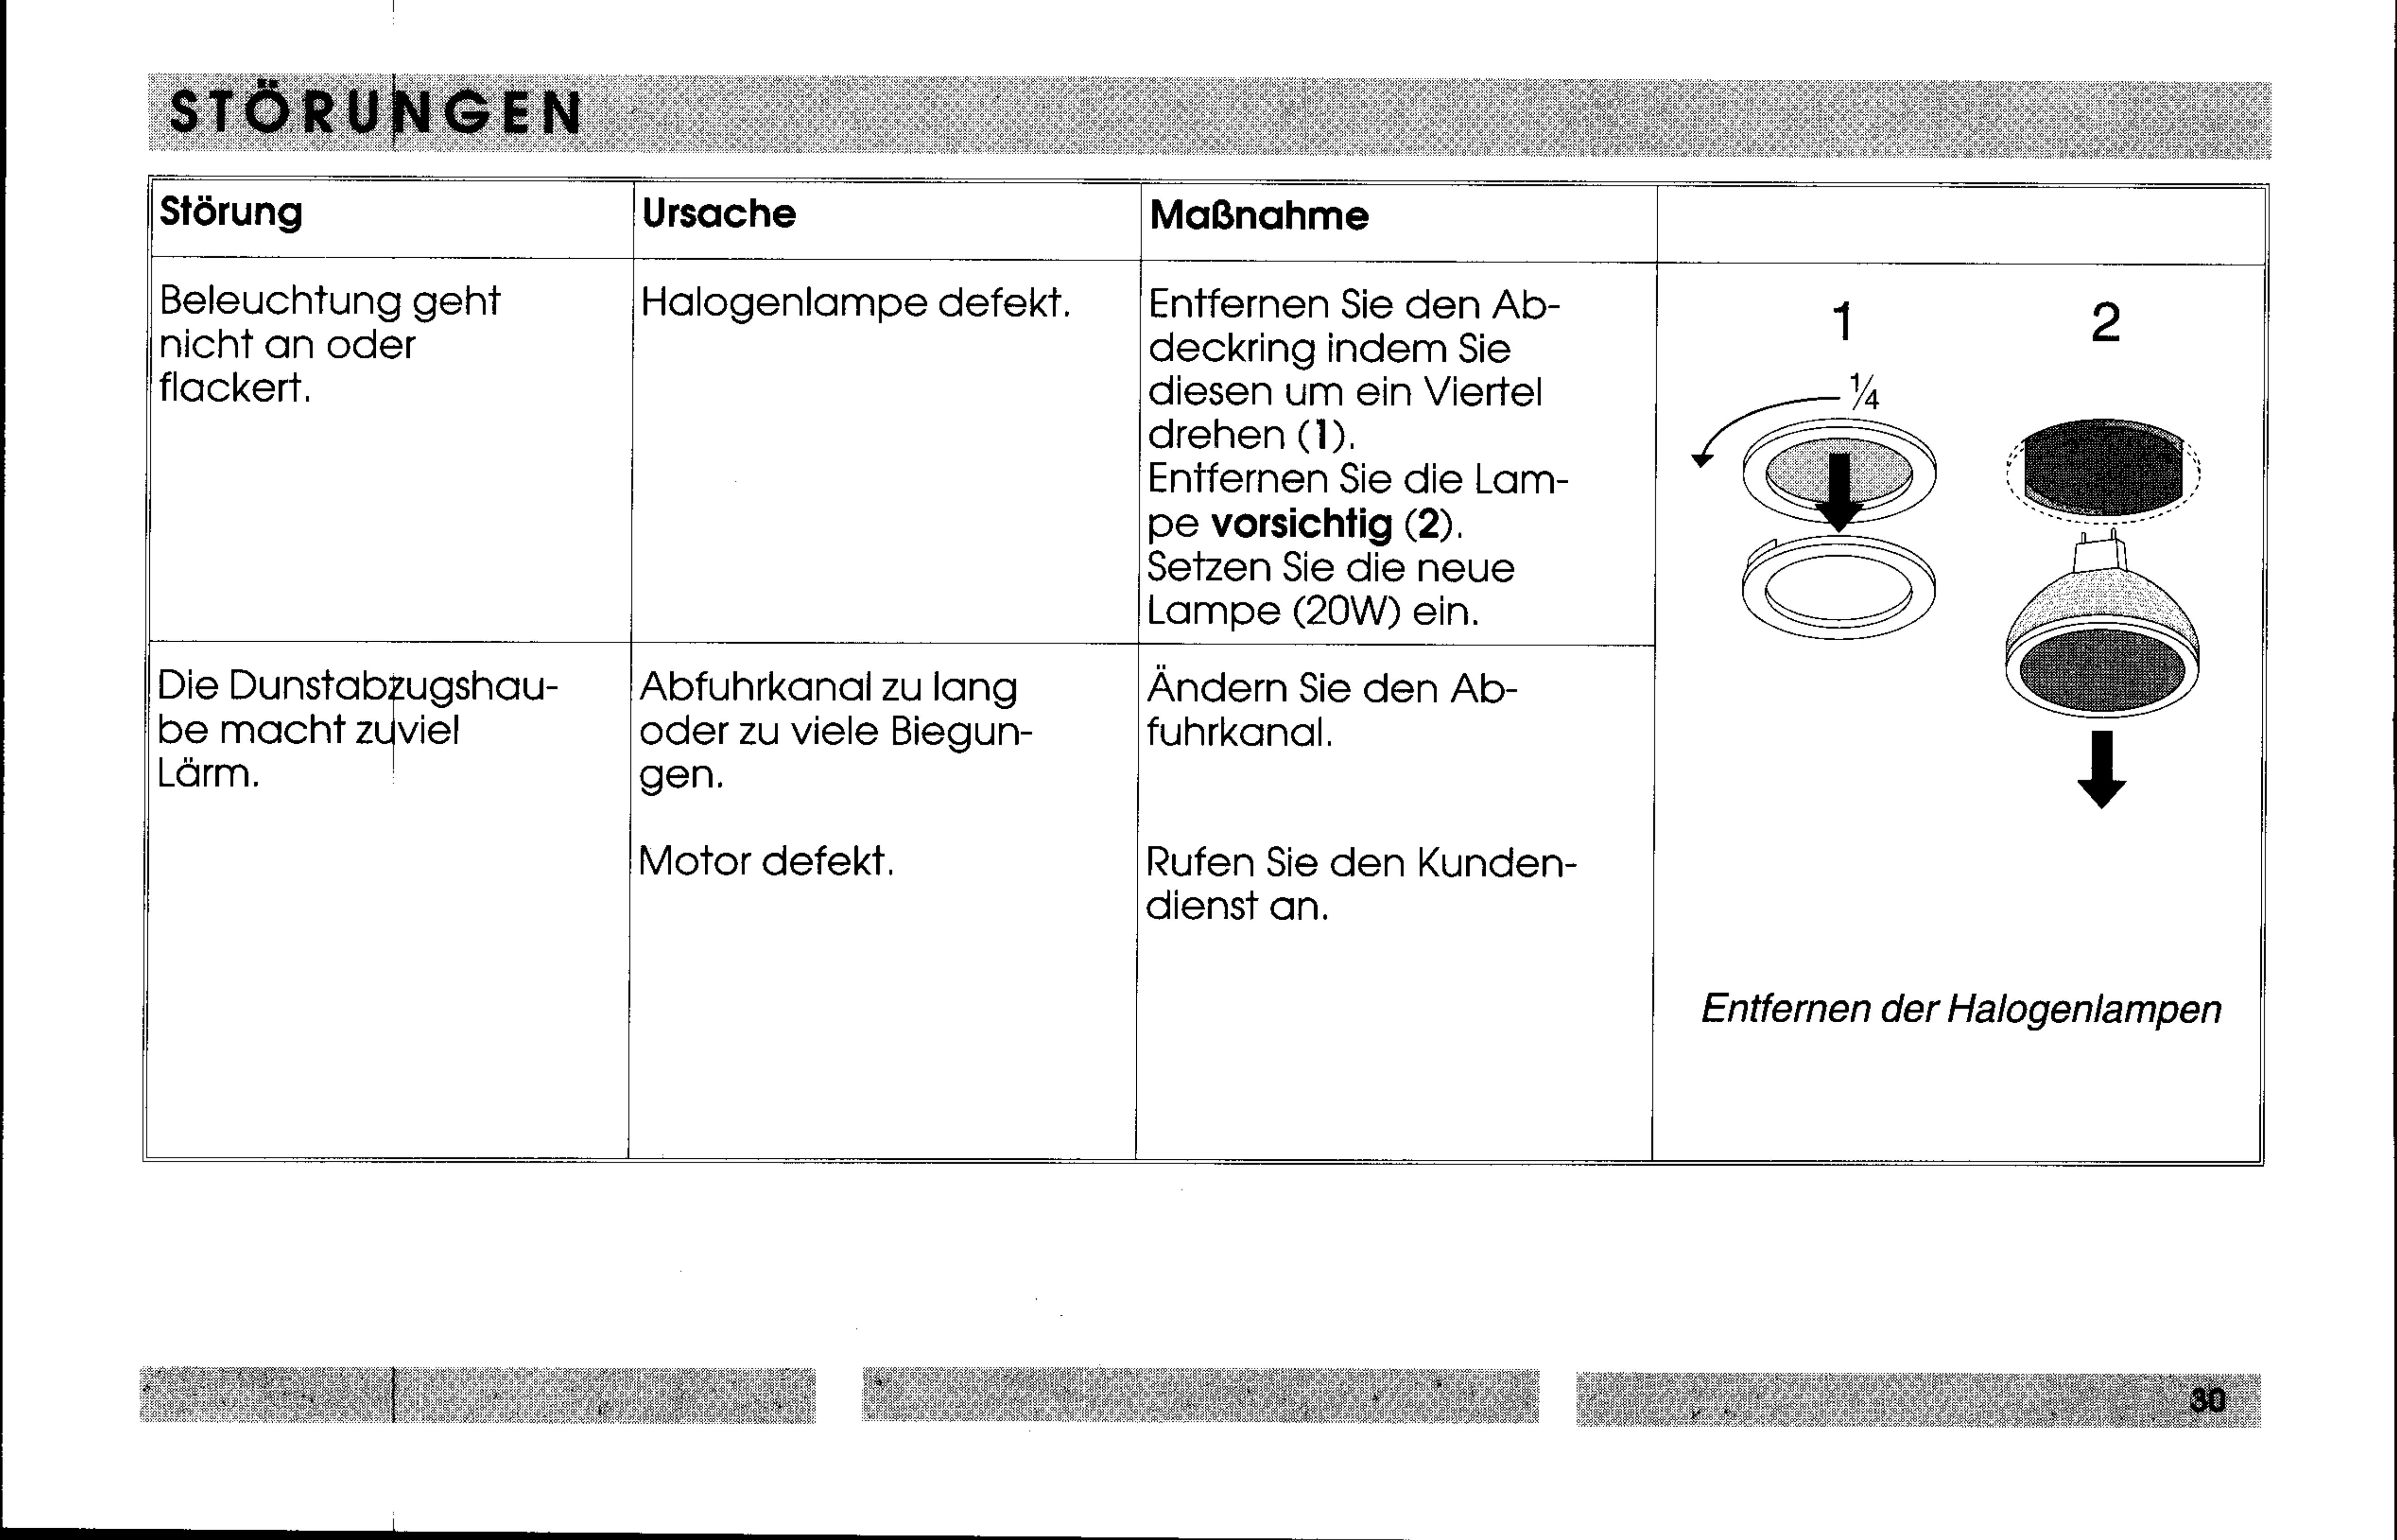 Bedienungsanleitung ATAG wh 411 f rvs (Seite 32 von 32